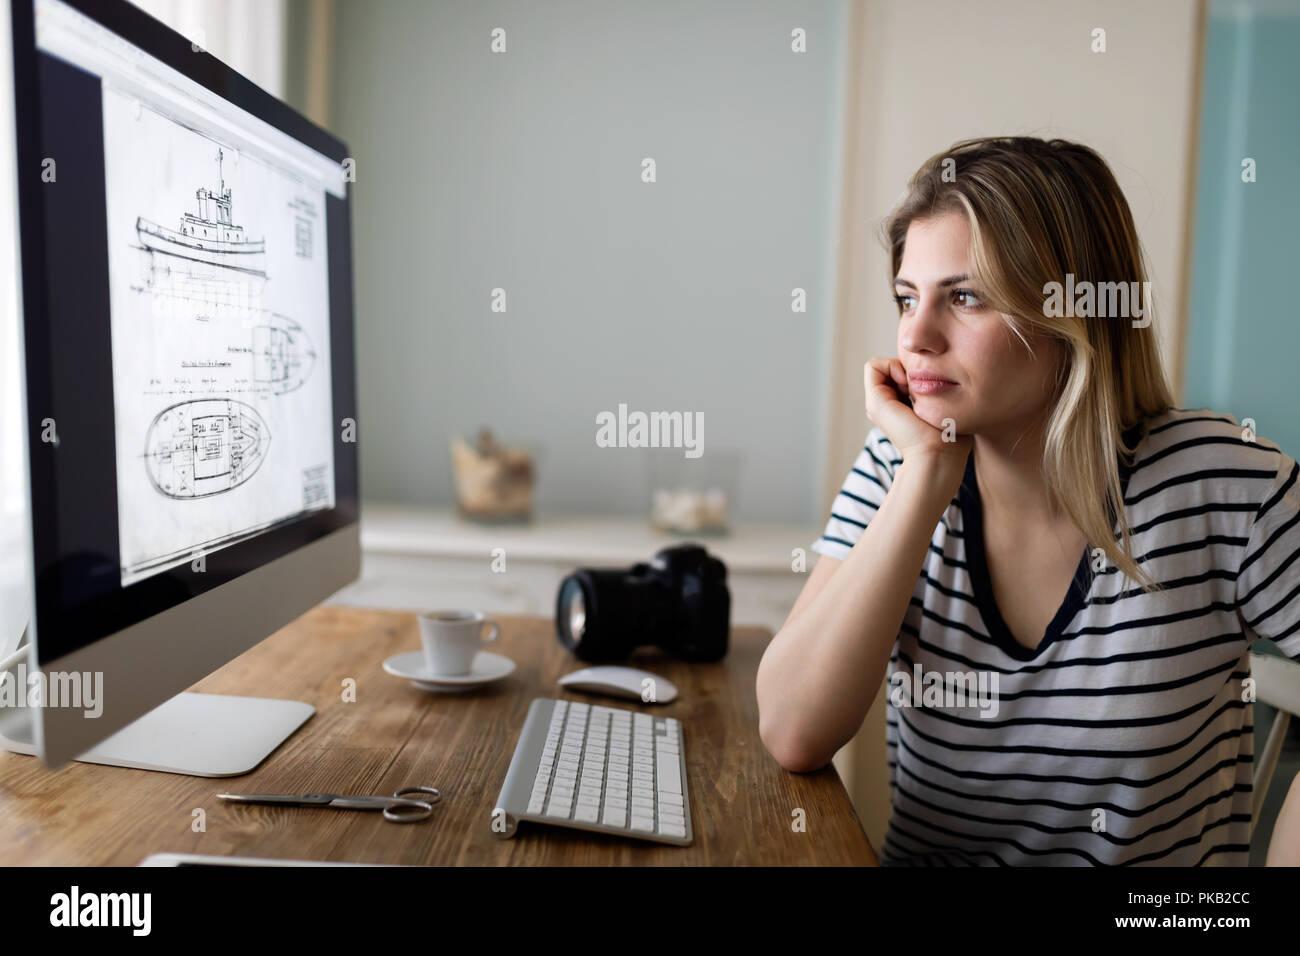 Porträt der jungen Frau zu Hause entwerfen Stockbild